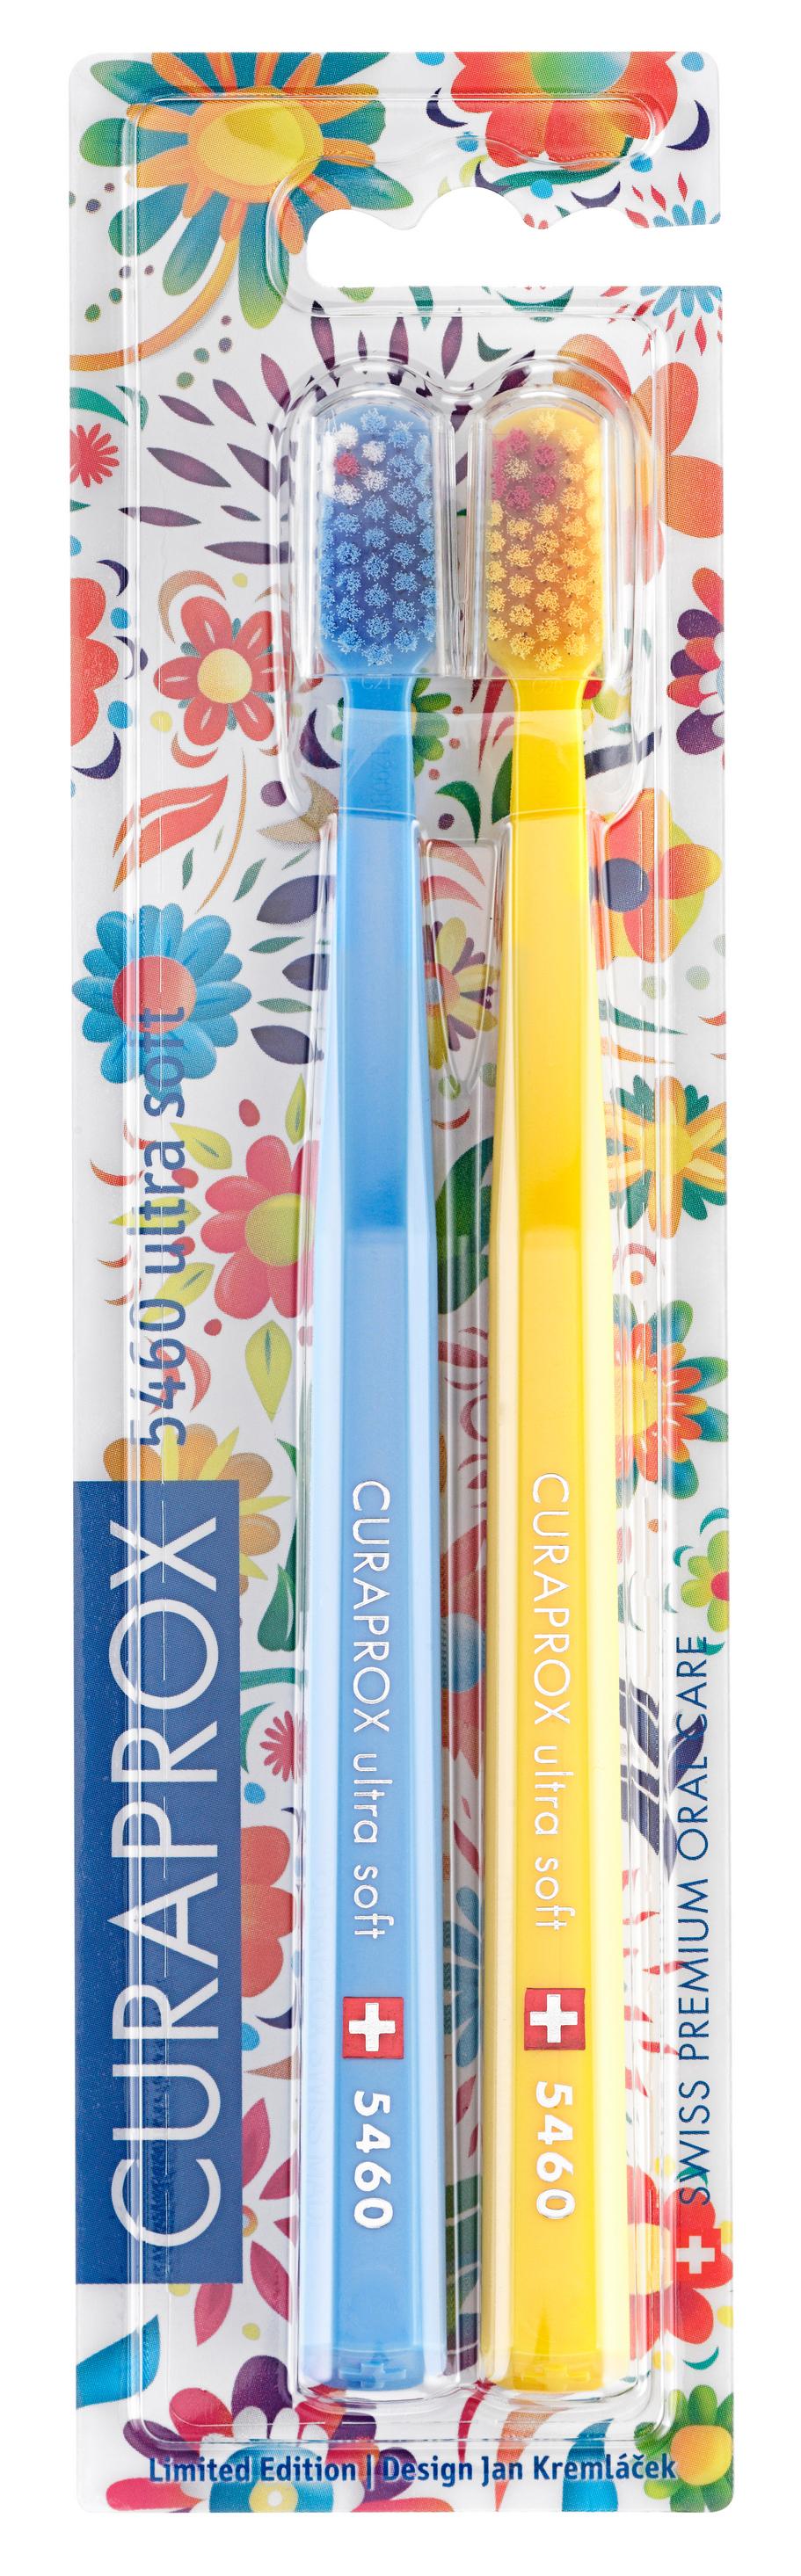 Купить CURAPROX Набор зубных щеток ultrasoft, d 0.10 мм, голубая и желтая / CS Duo Hawaii4 2 шт